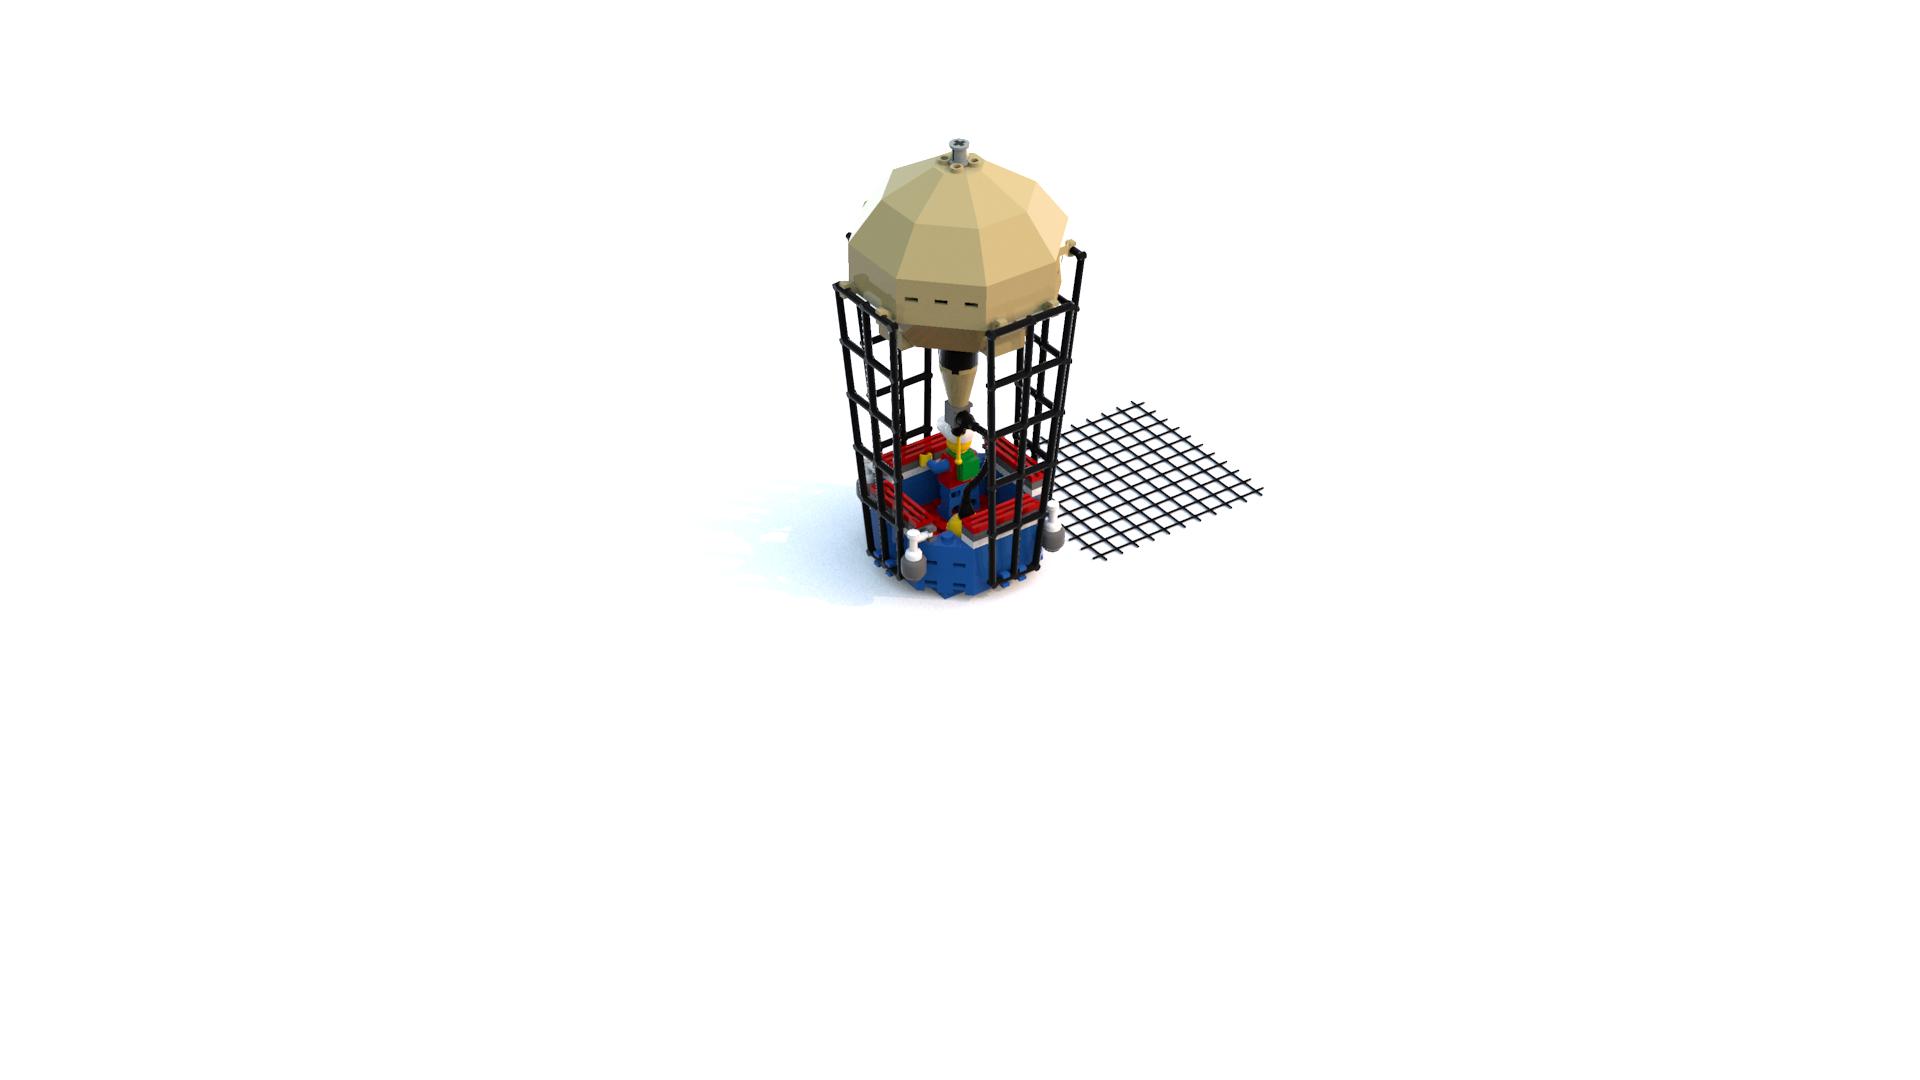 Lego Island 2 Pepper's Hot Air Balloon LDD Model